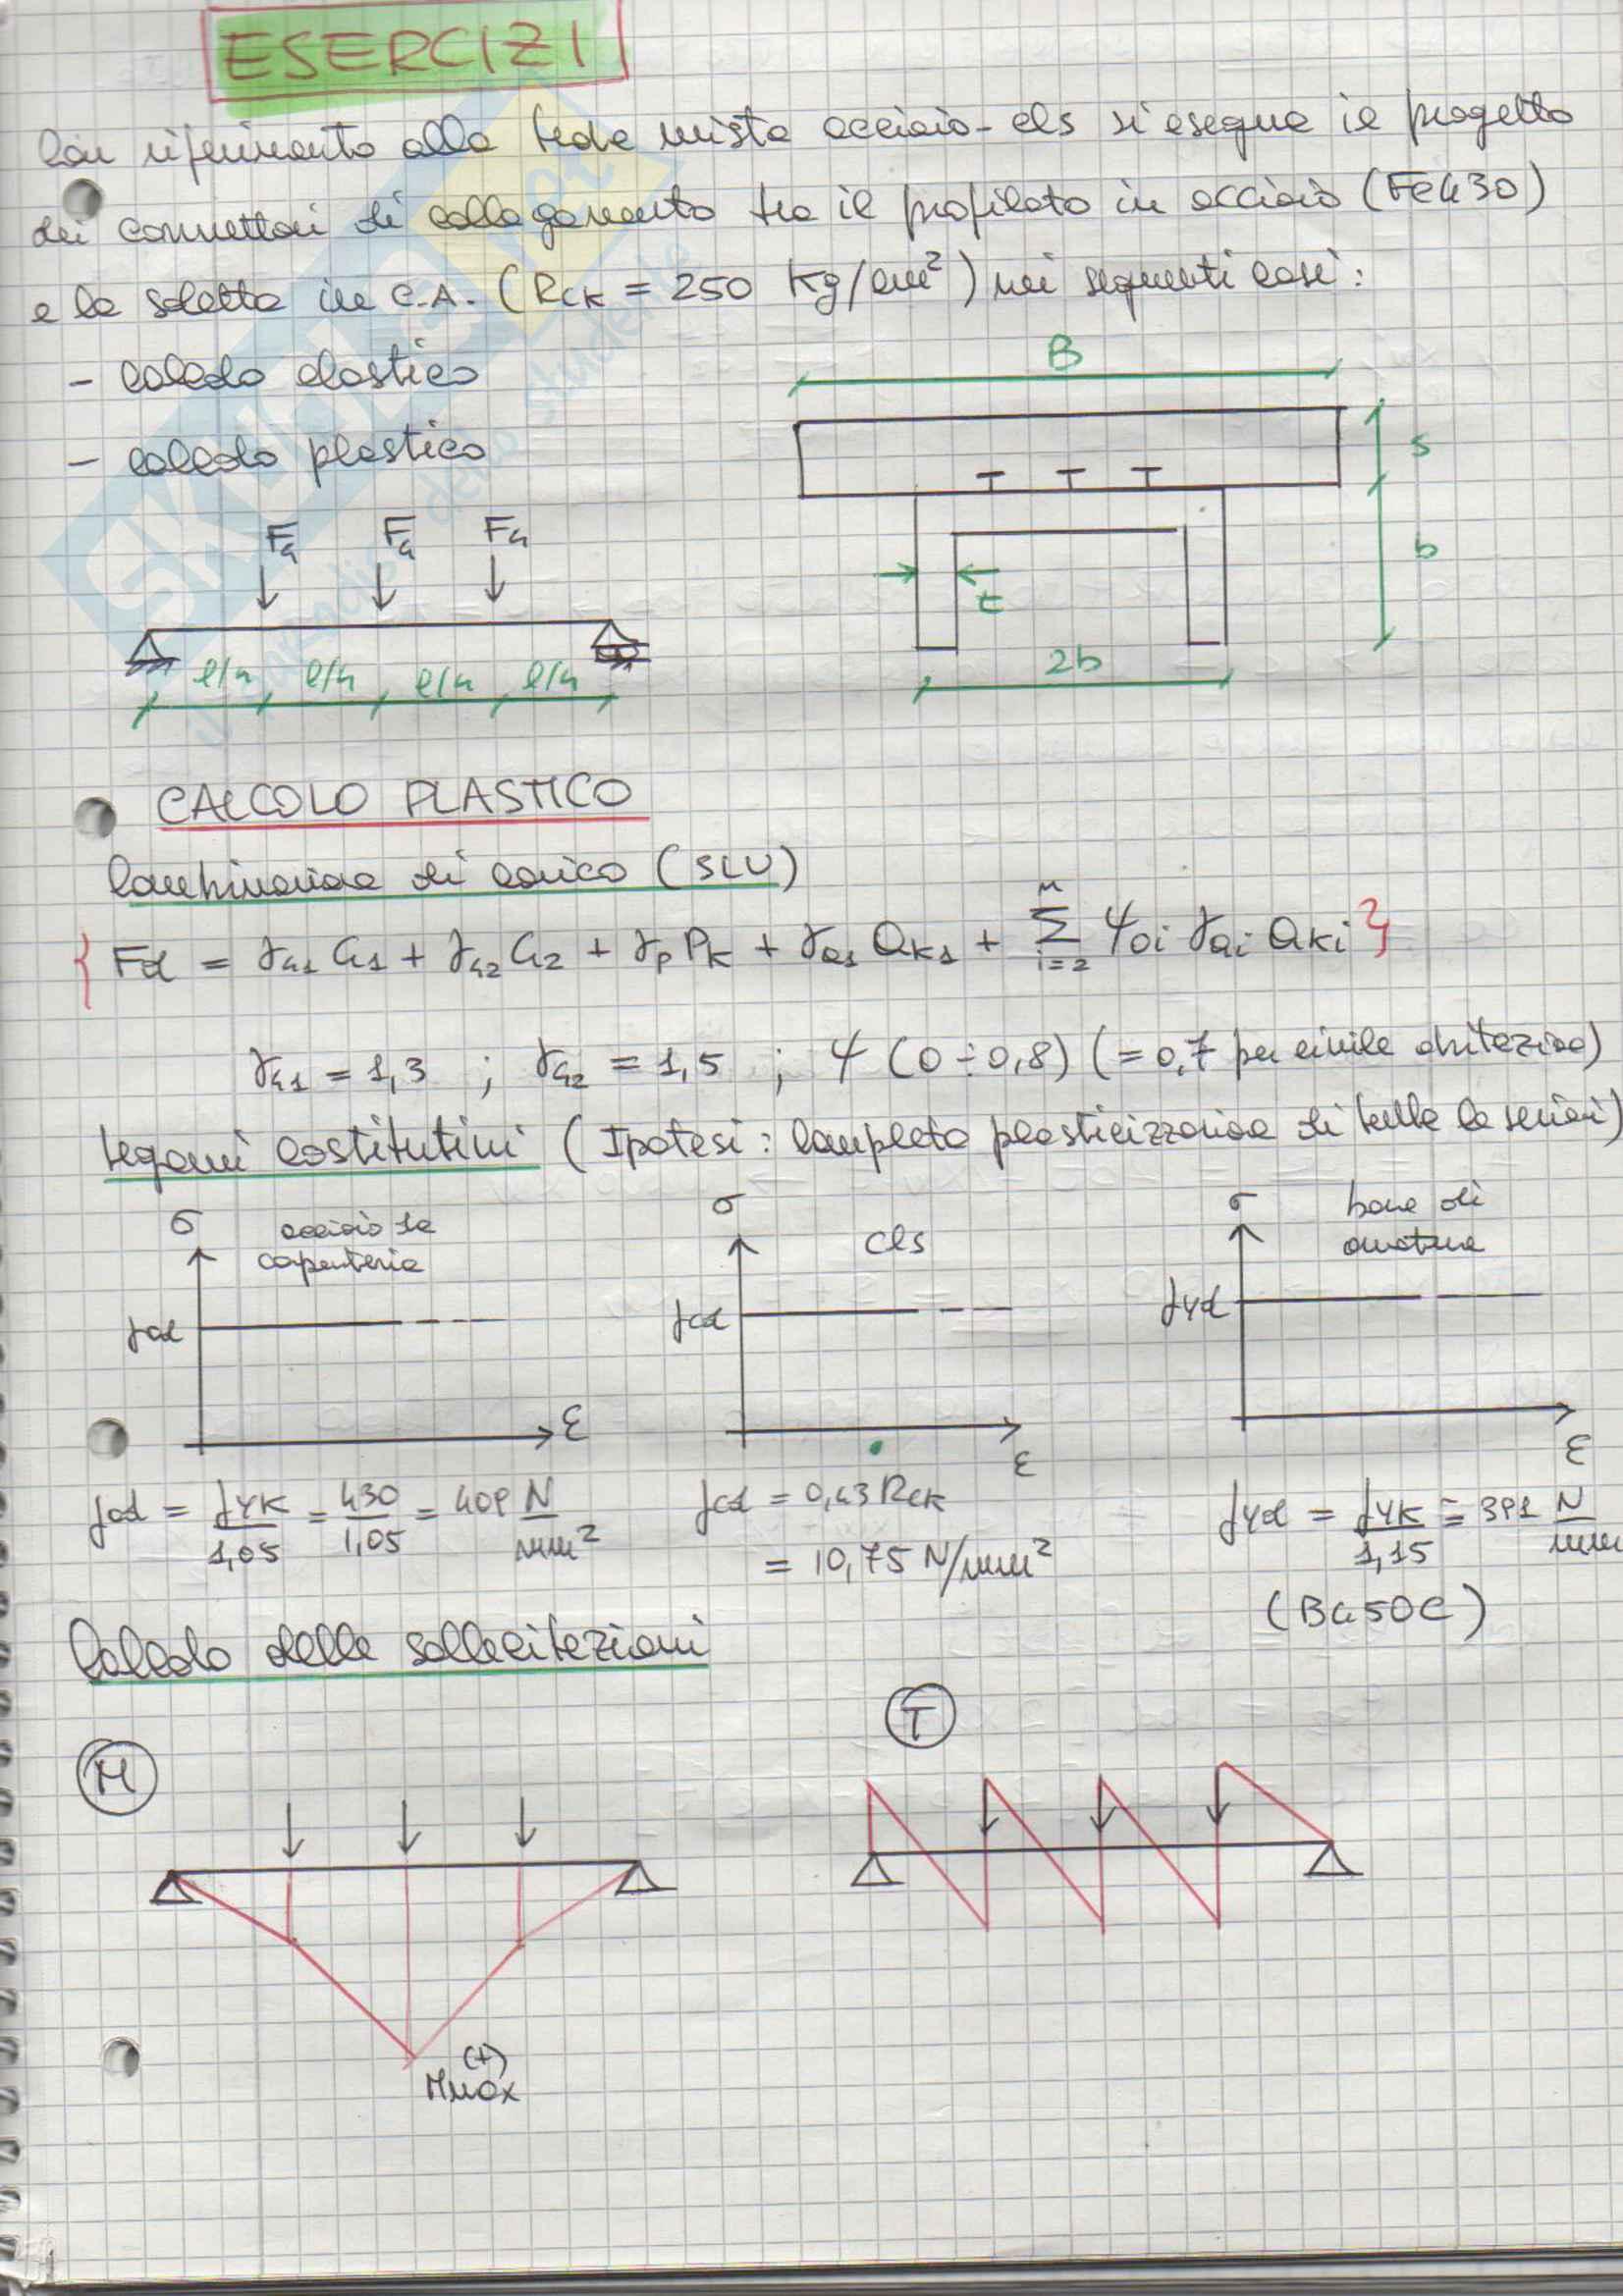 Esercizi Svolti, Tecnica delle costruzioni in C.A. e C.A.P.